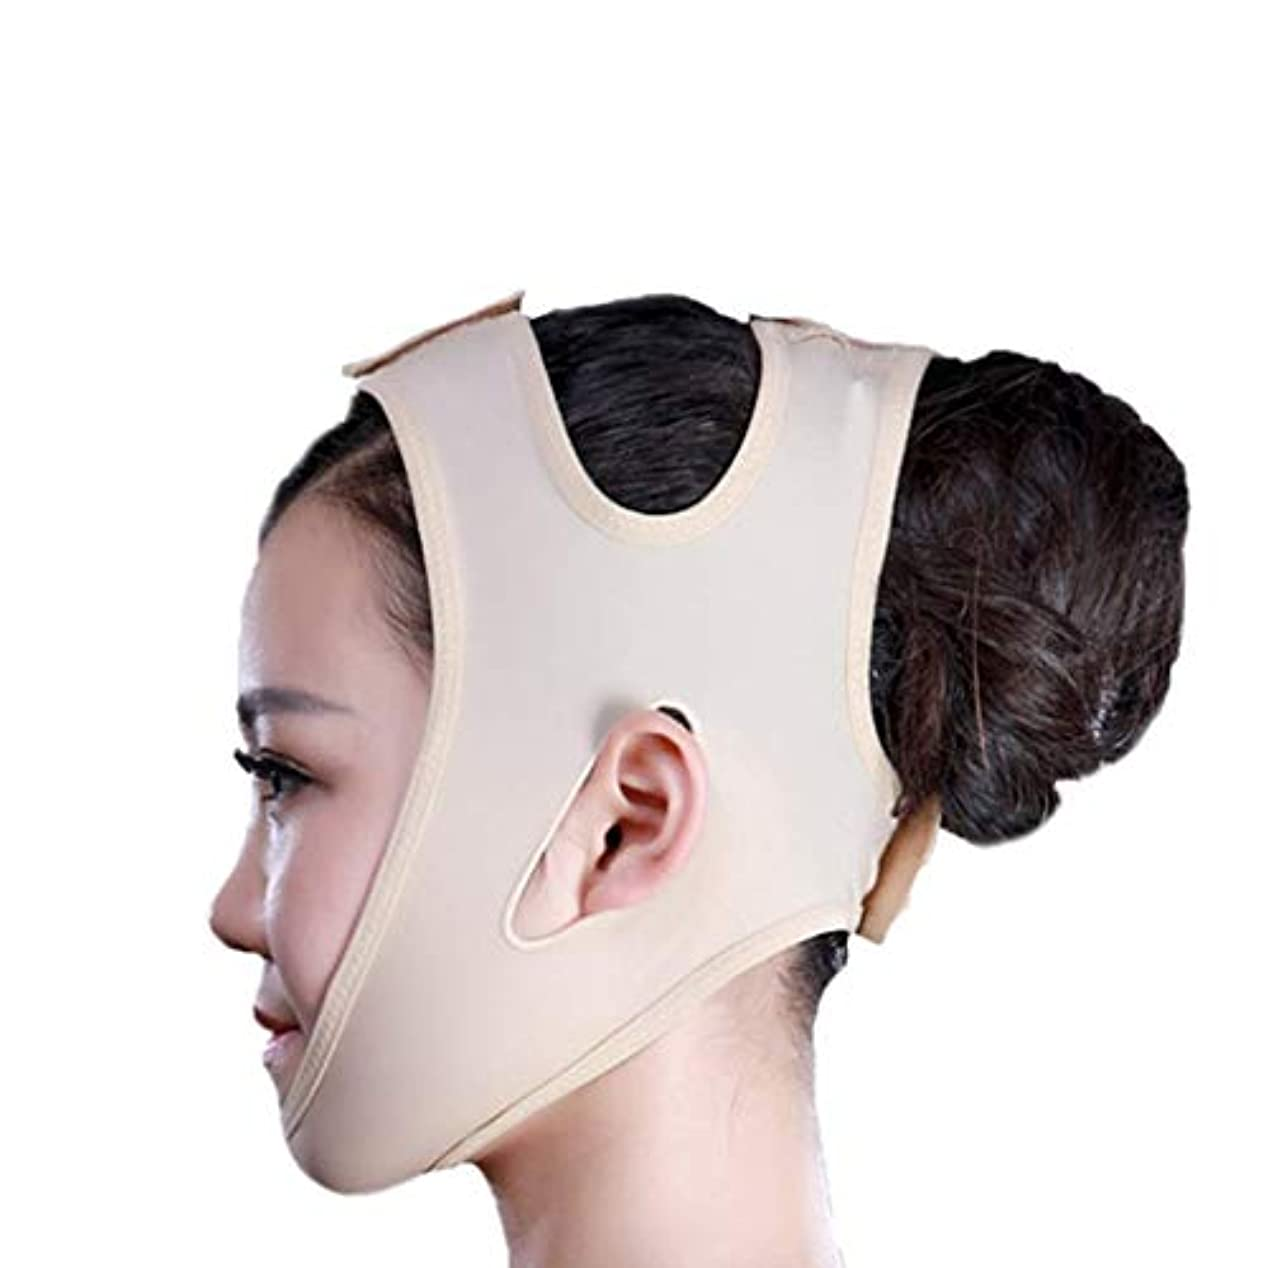 時幽霊気になるフェイススリミングマスク、快適さと通気性、フェイシャルリフティング、輪郭の改善された硬さ、ファーミングとリフティングフェイス(カラー:ブラック、サイズ:XL),黄色がかったピンク、XL